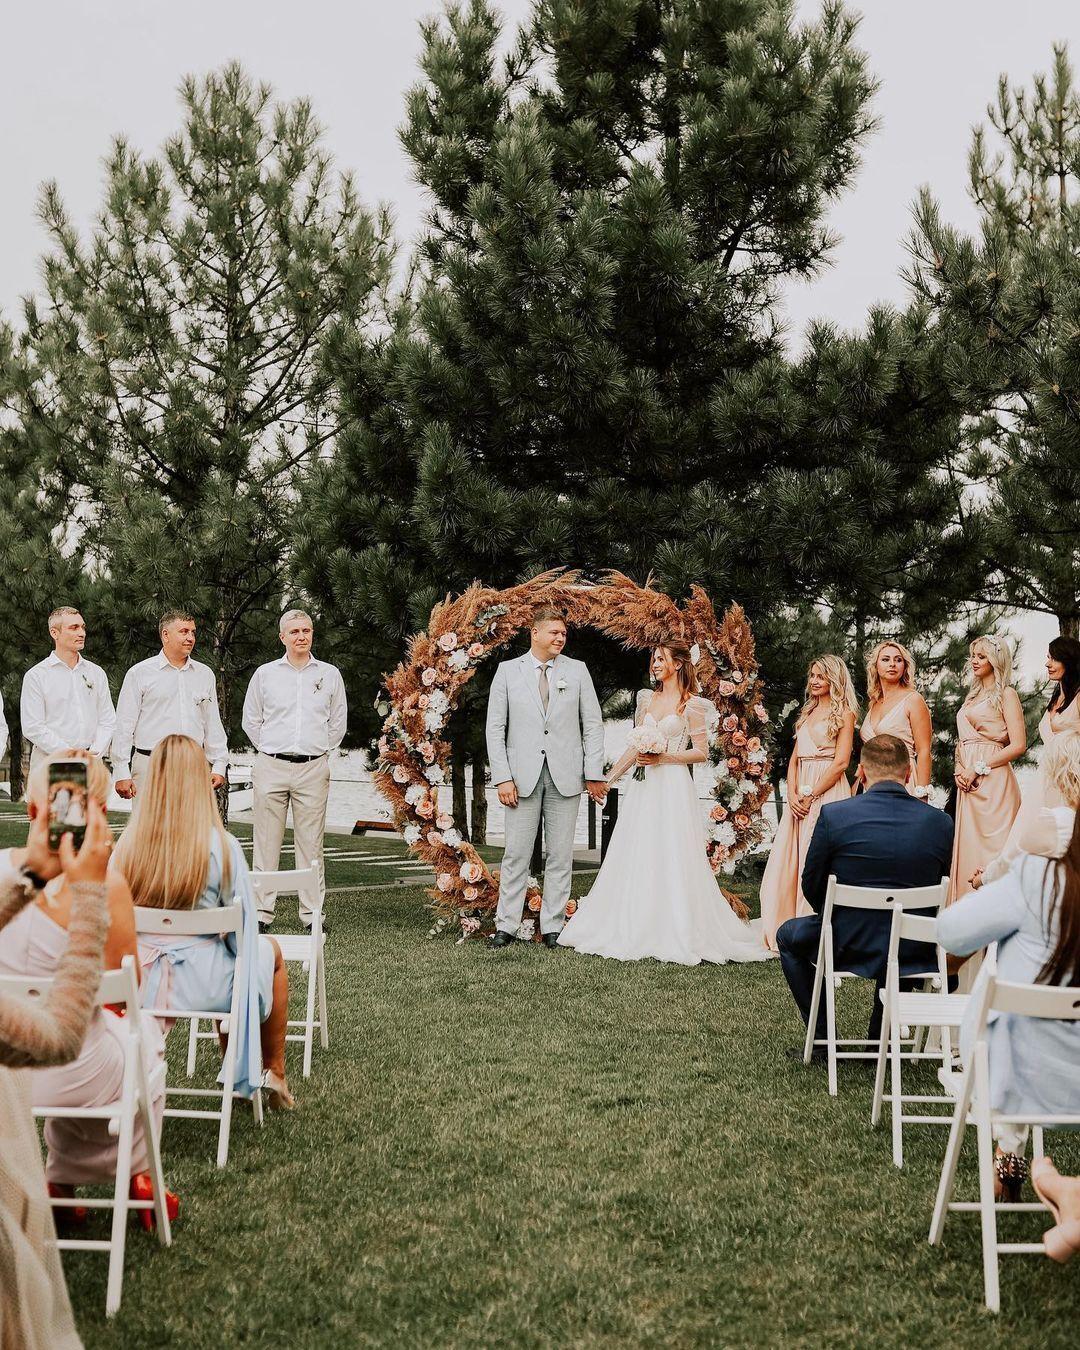 Зинченко и Соколюк показали кадры со свадьбы